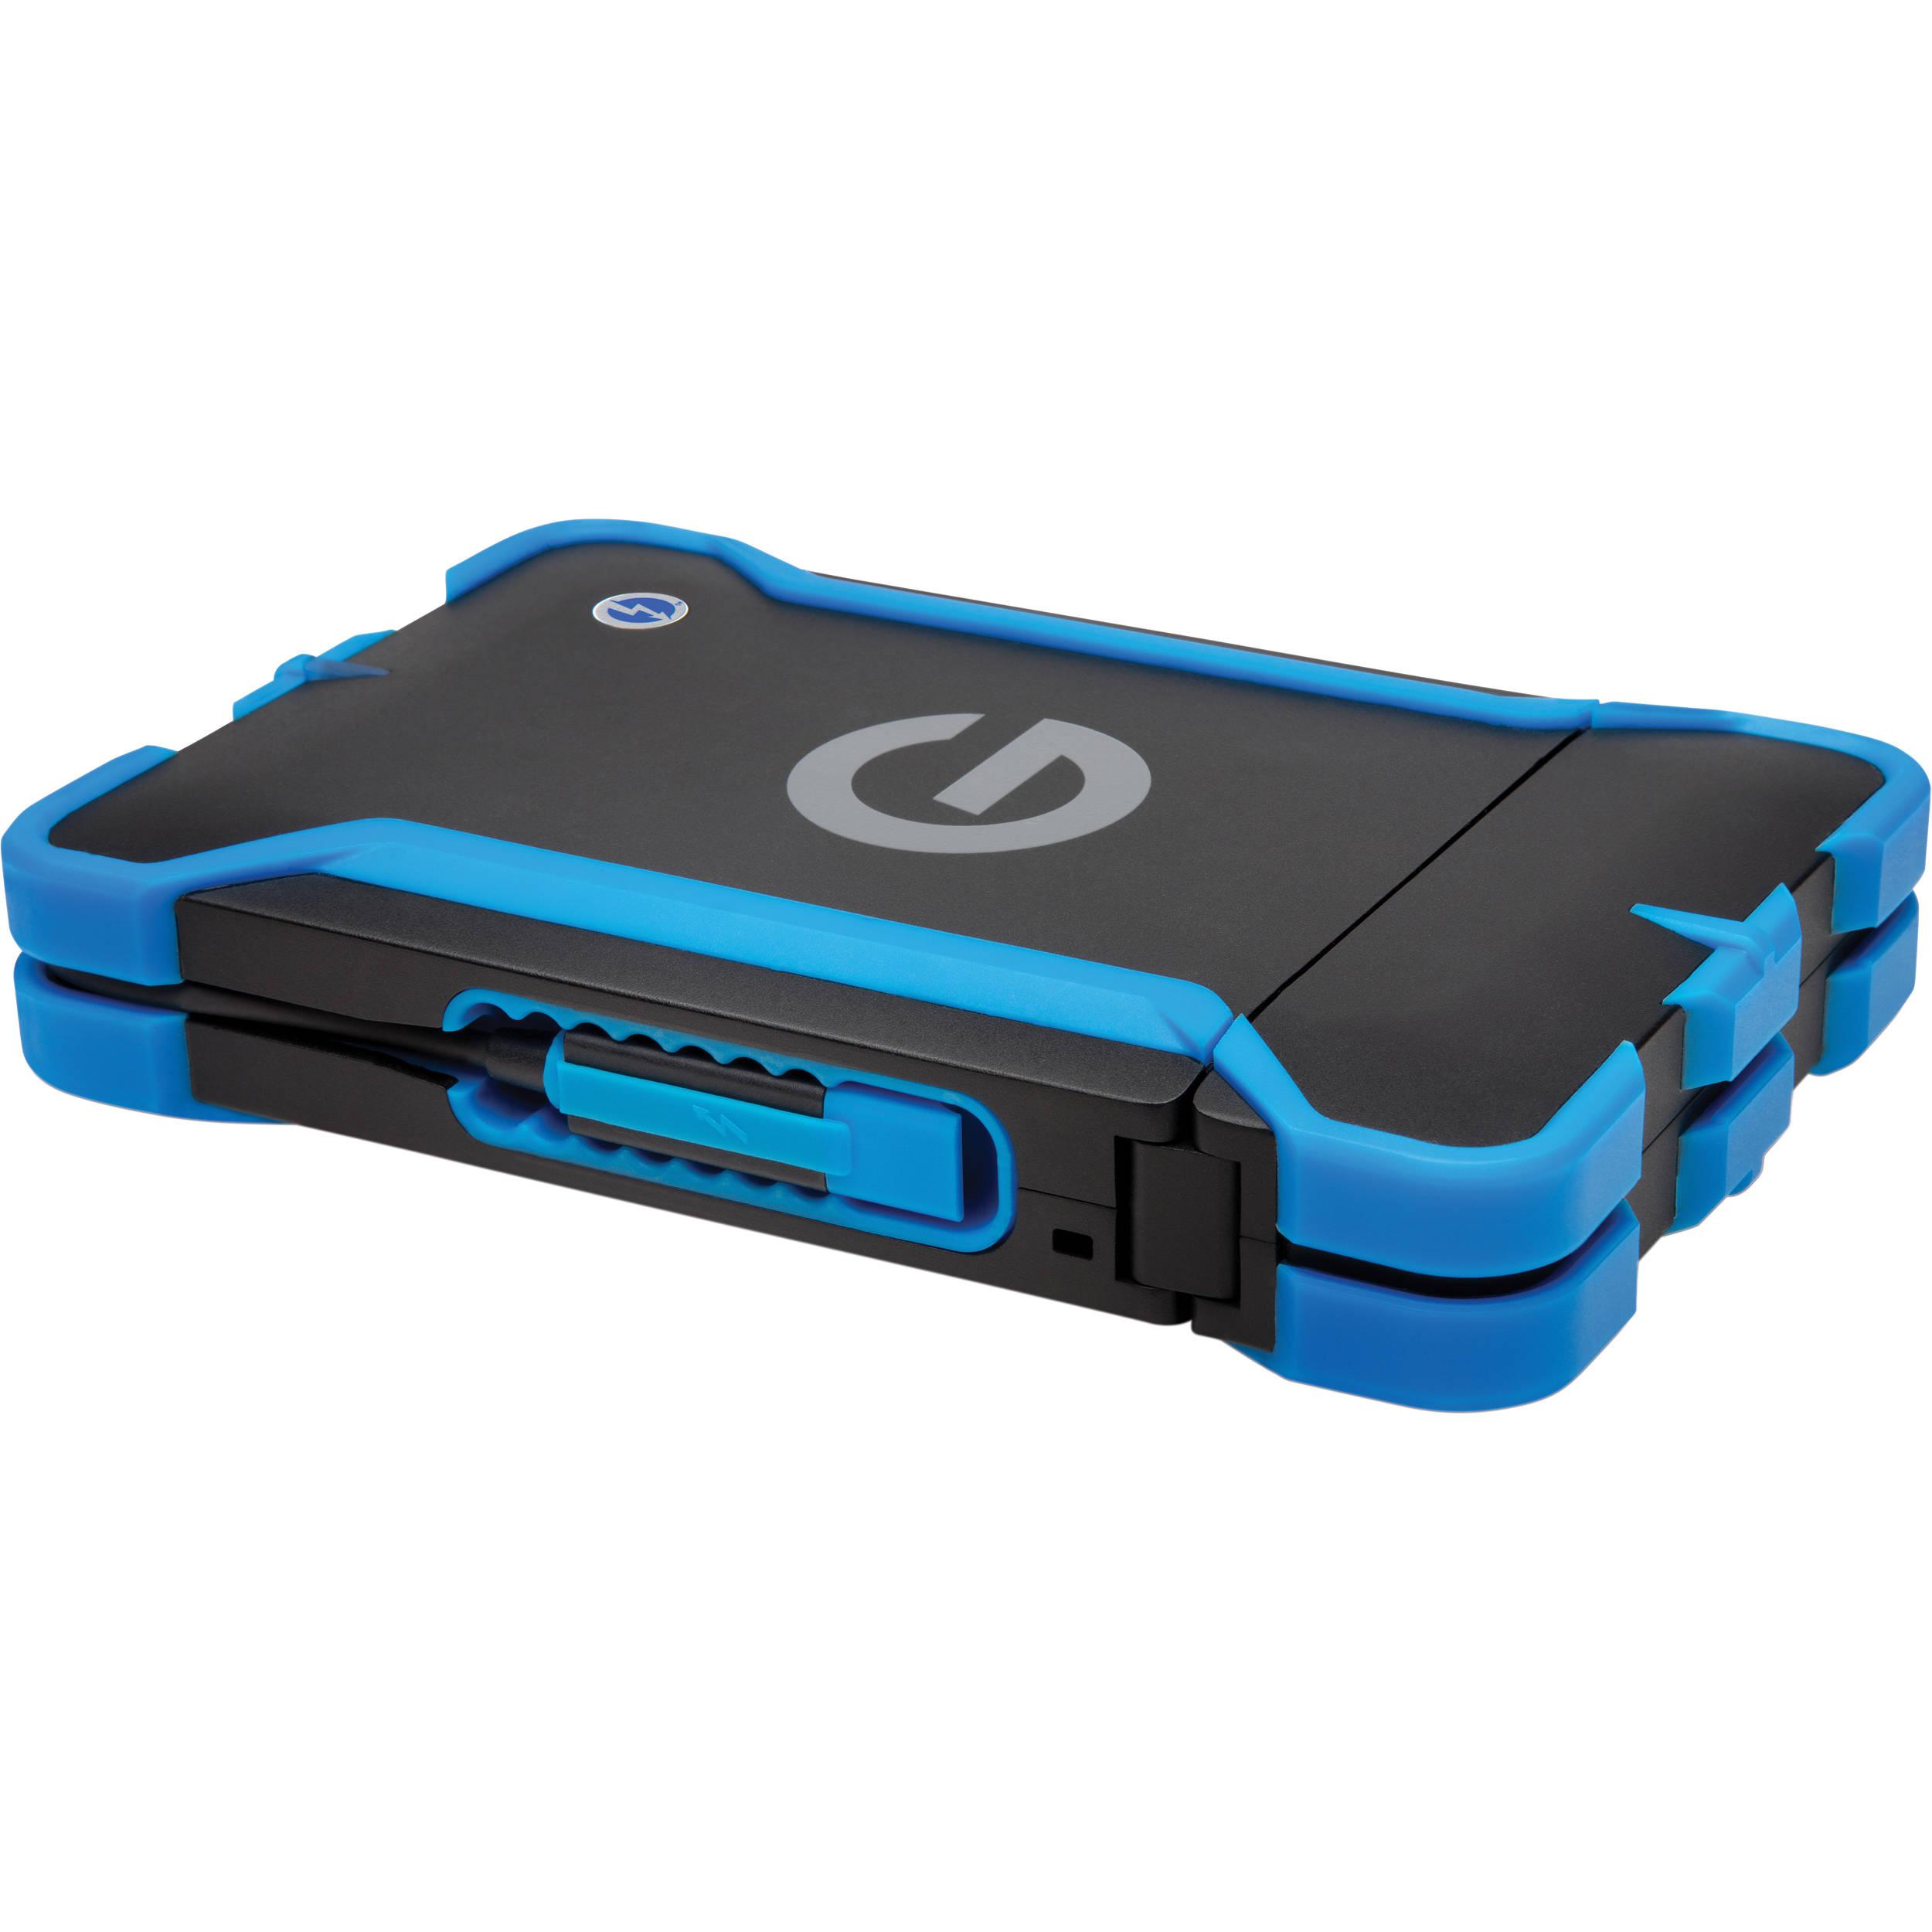 G-DRIVE Pro 6th Gen 4TB